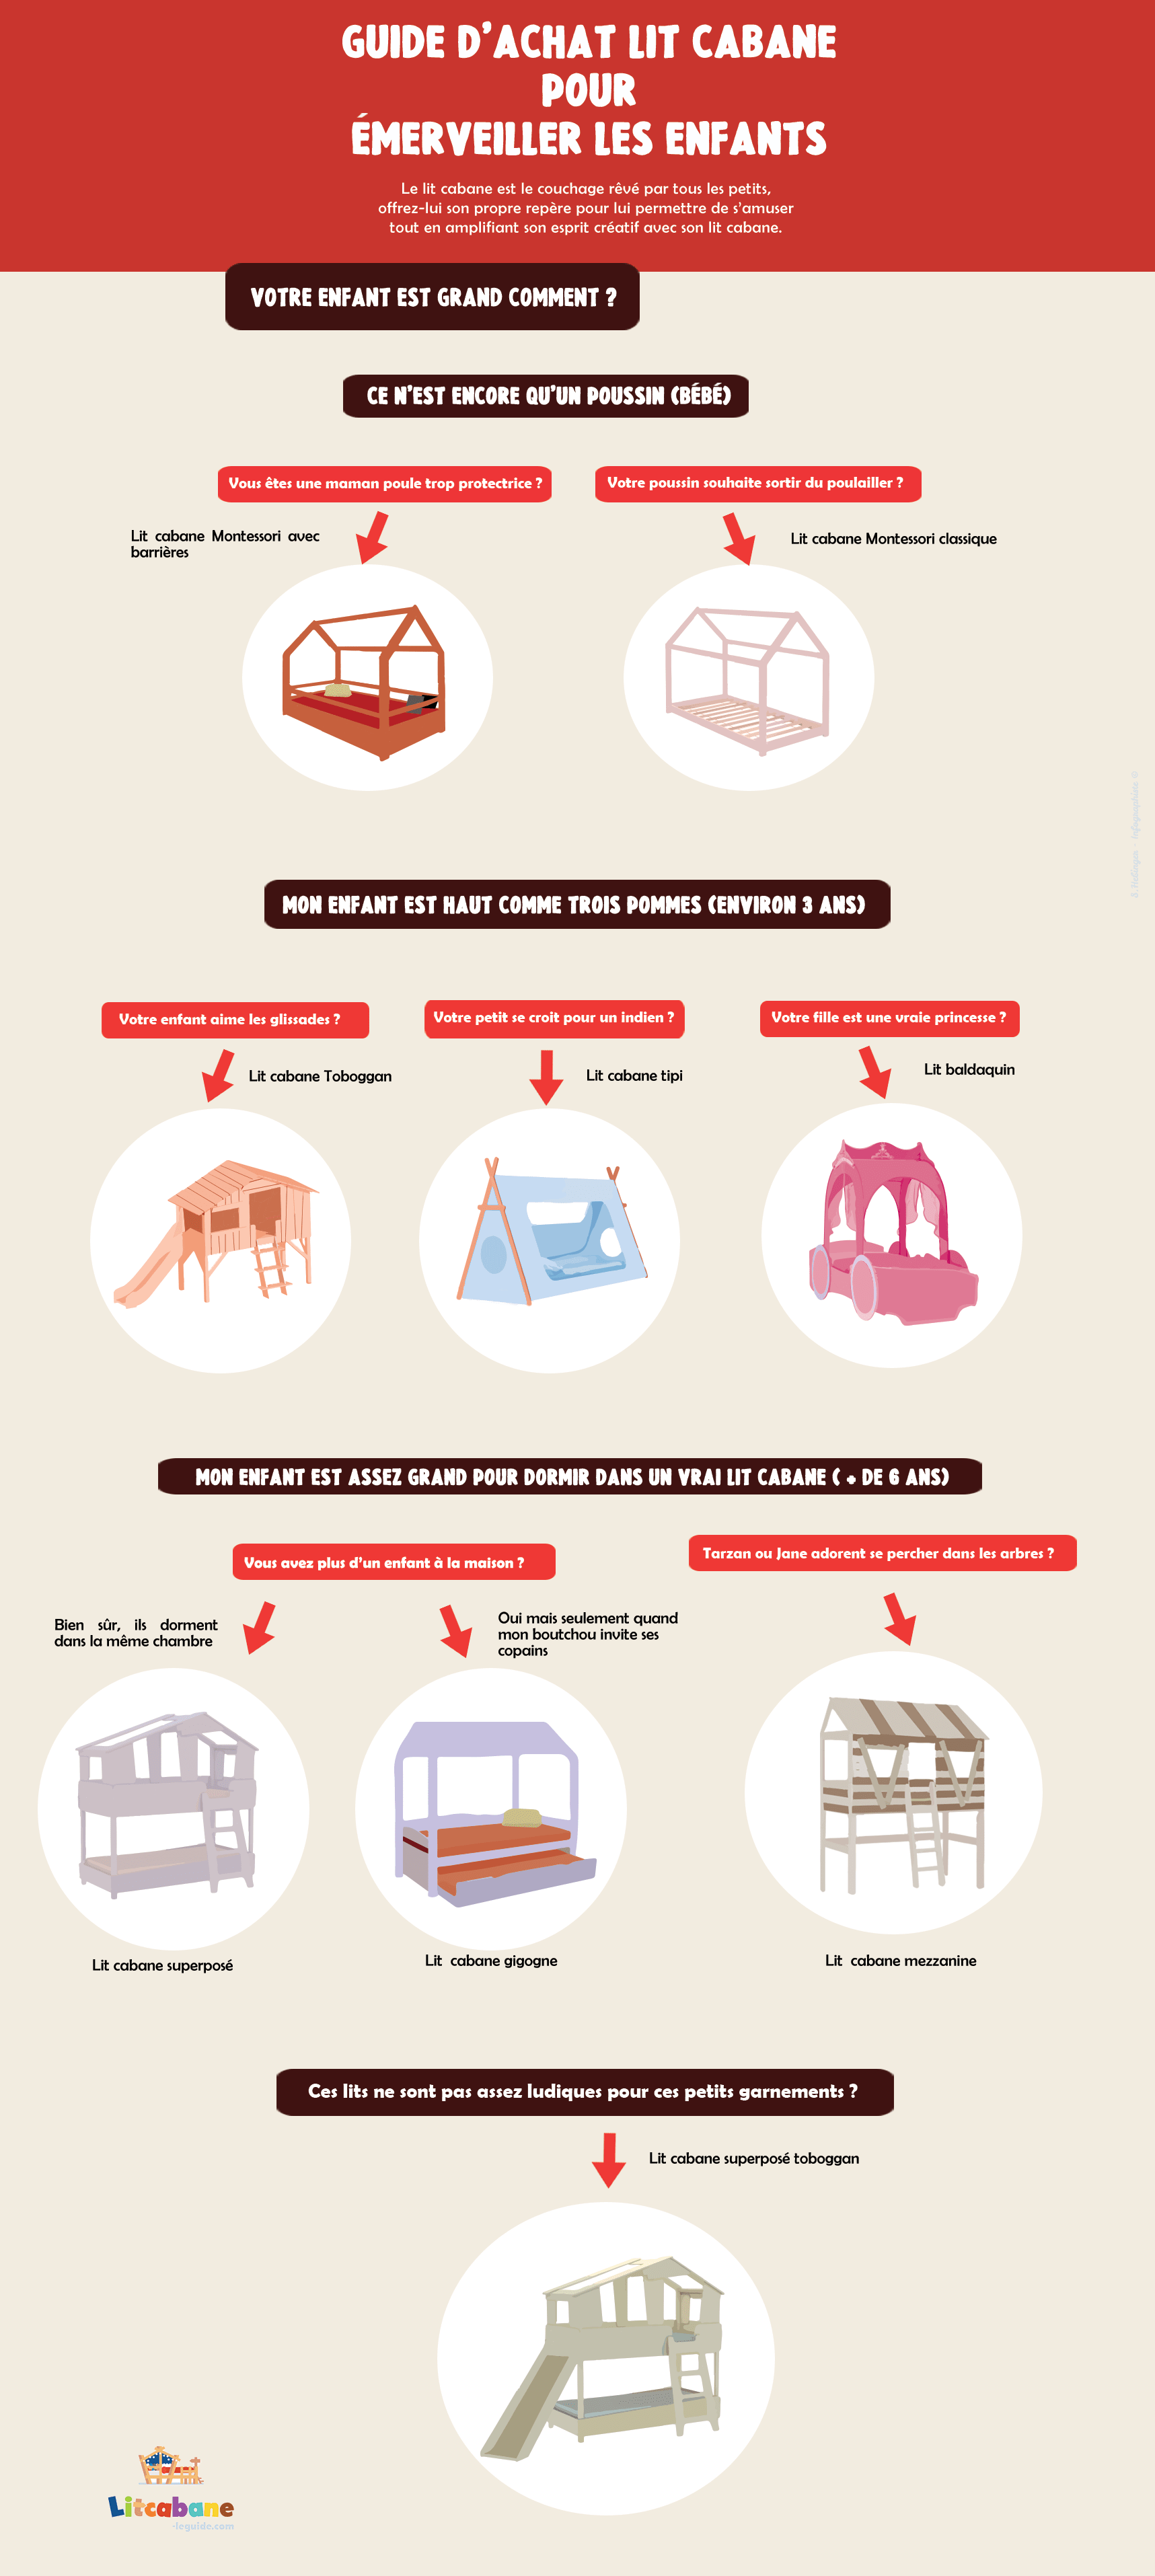 infographie sur les lits cabane pour enfant